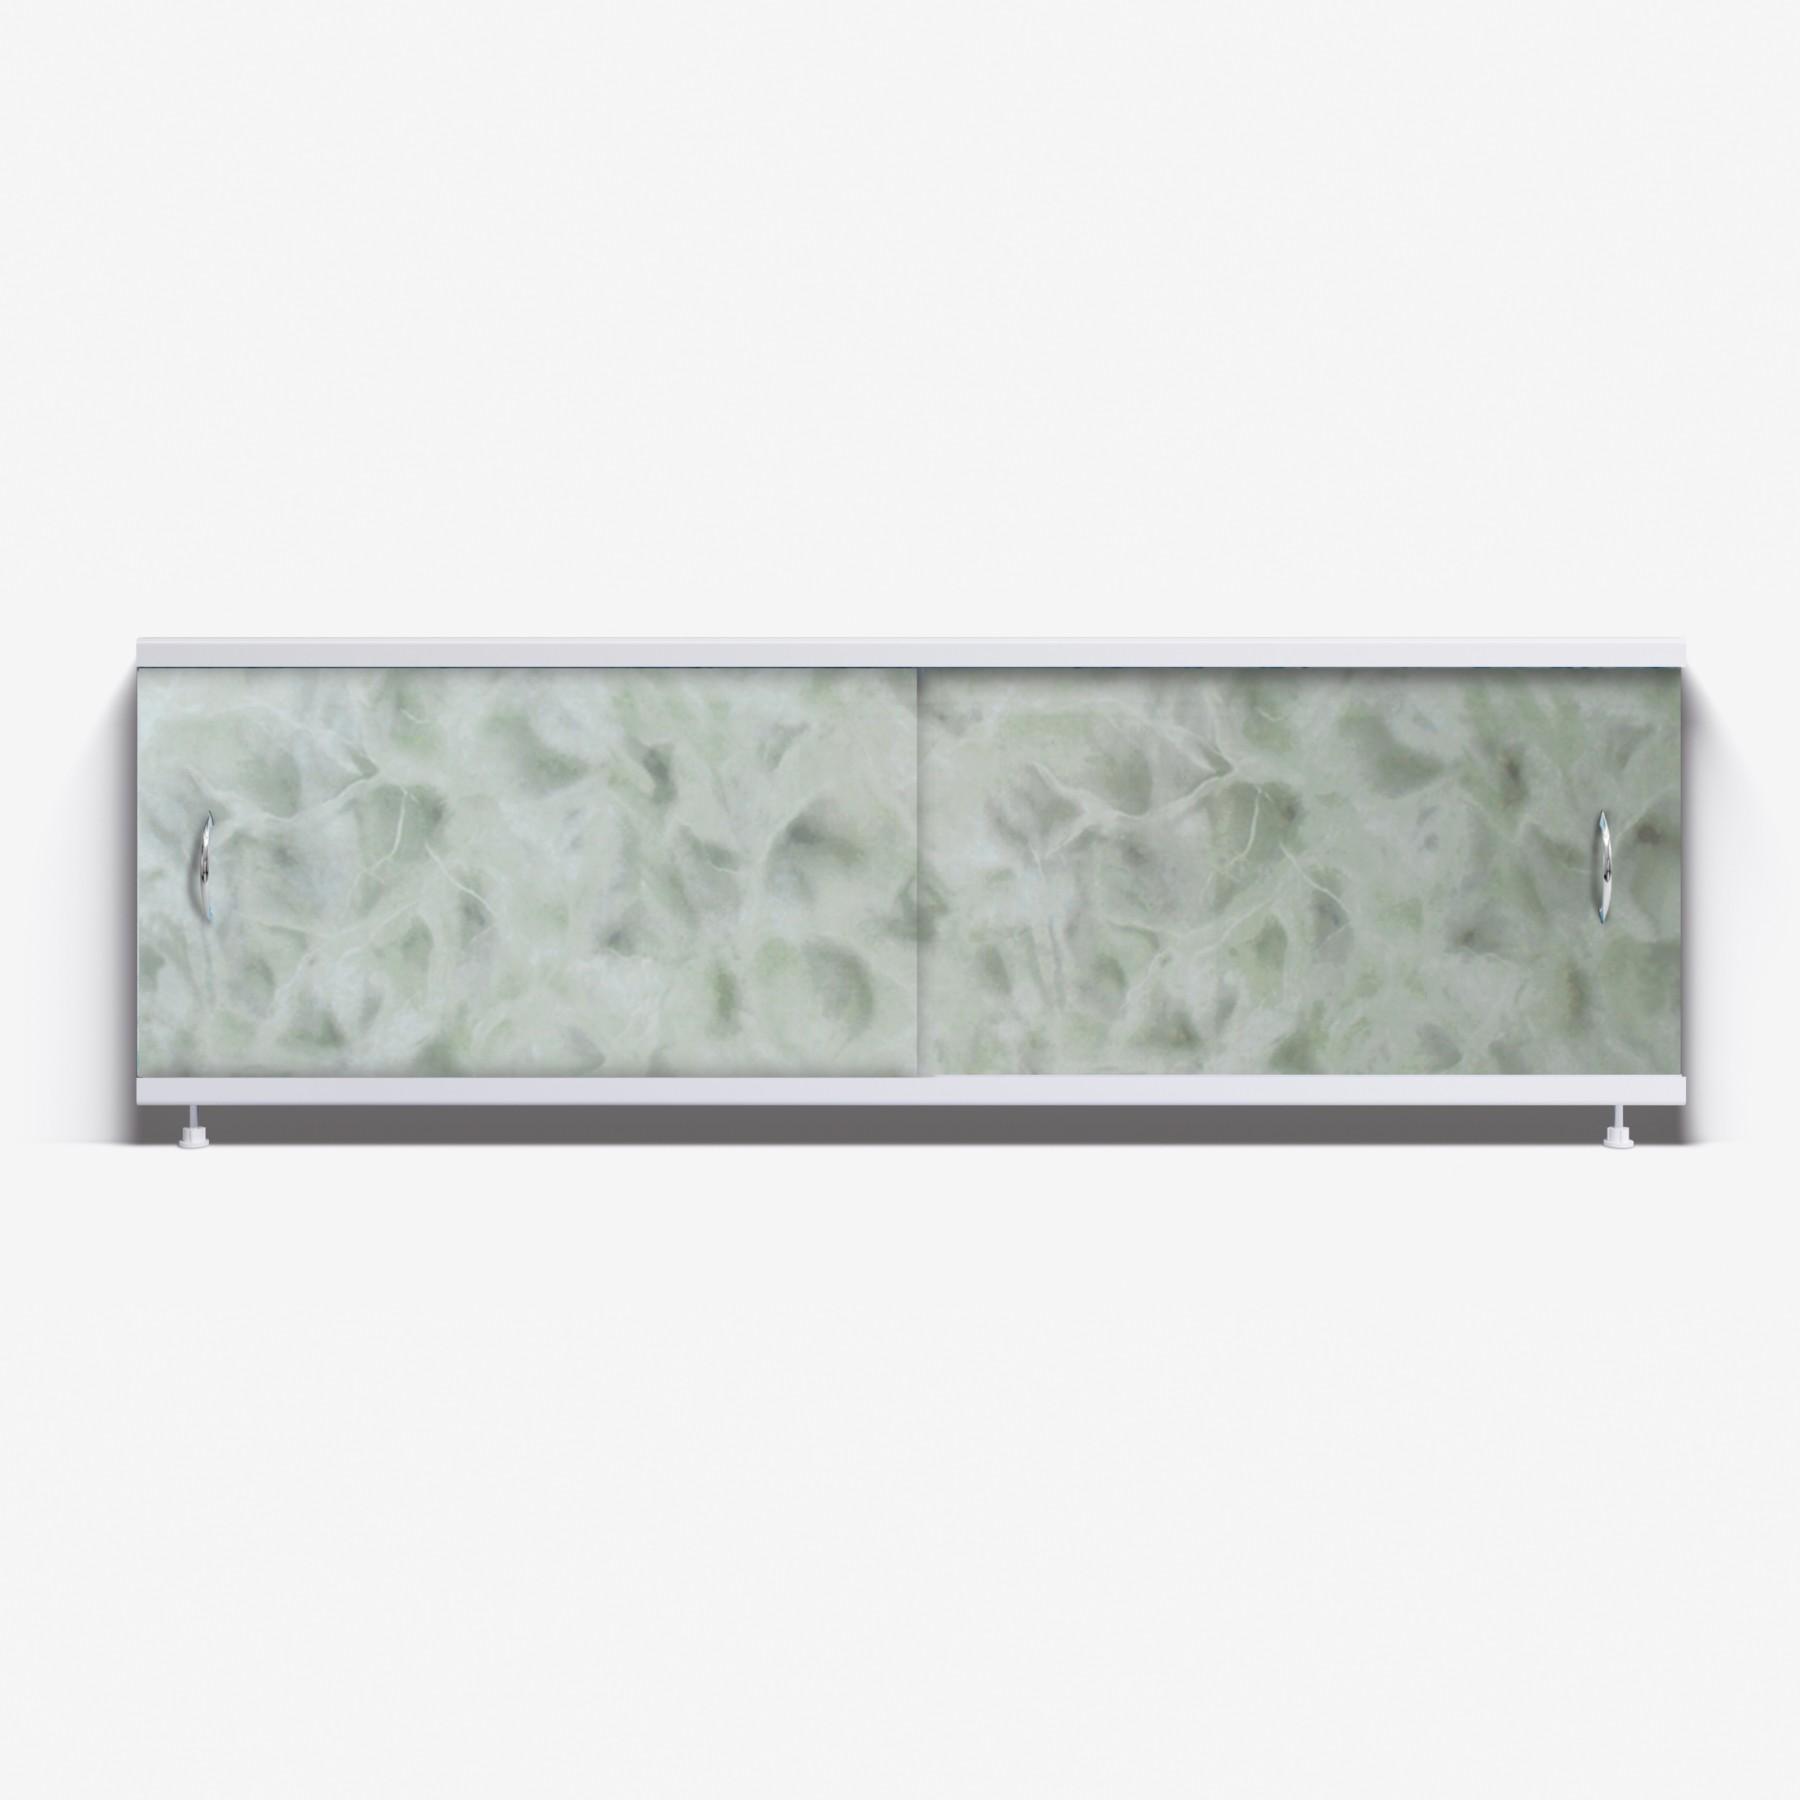 Экран под ванну Классик 150 светло-зеленый мрамор